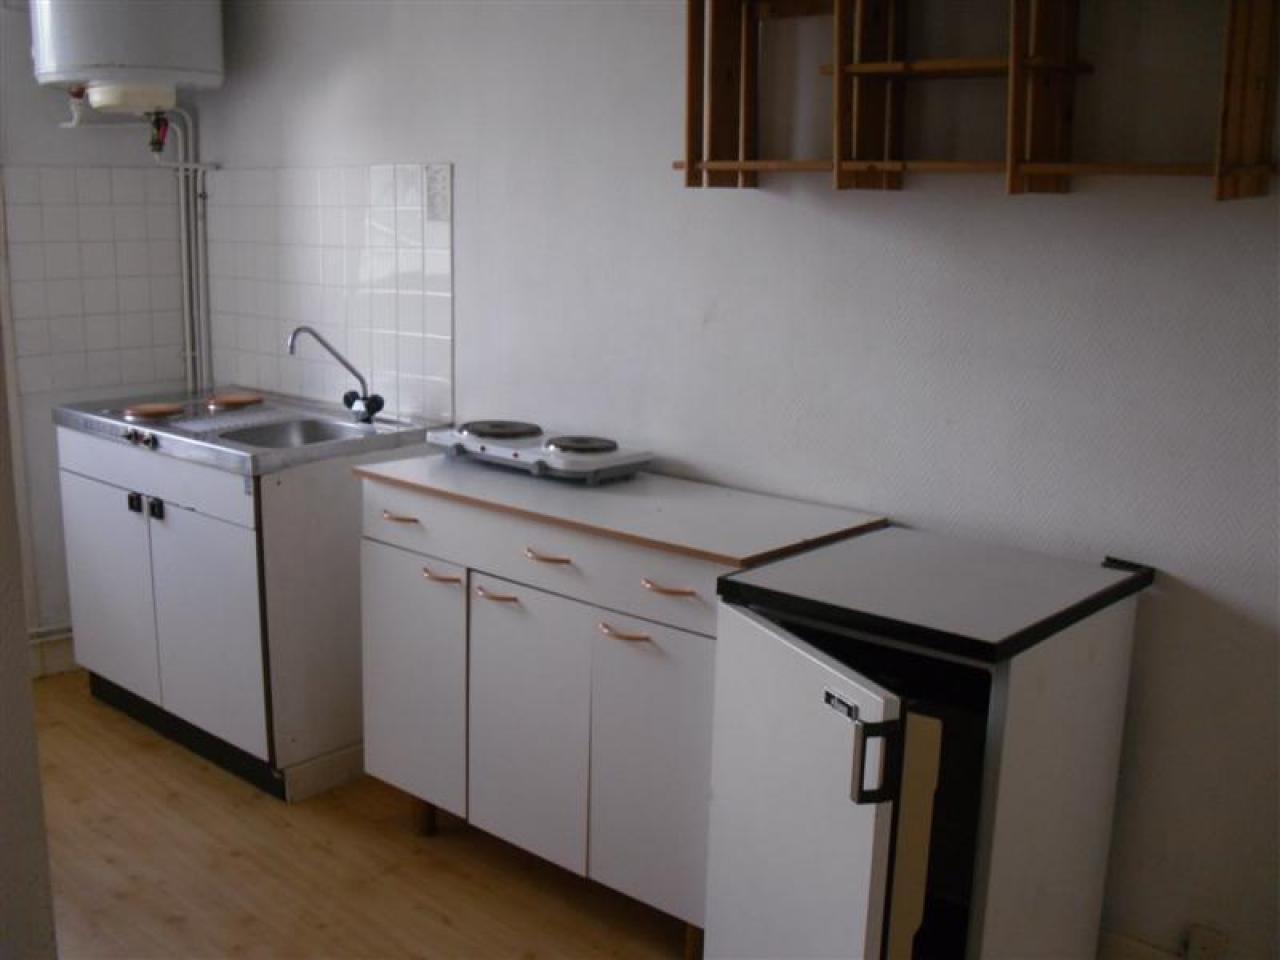 pas d 39 eau chaude dans la cuisine. Black Bedroom Furniture Sets. Home Design Ideas